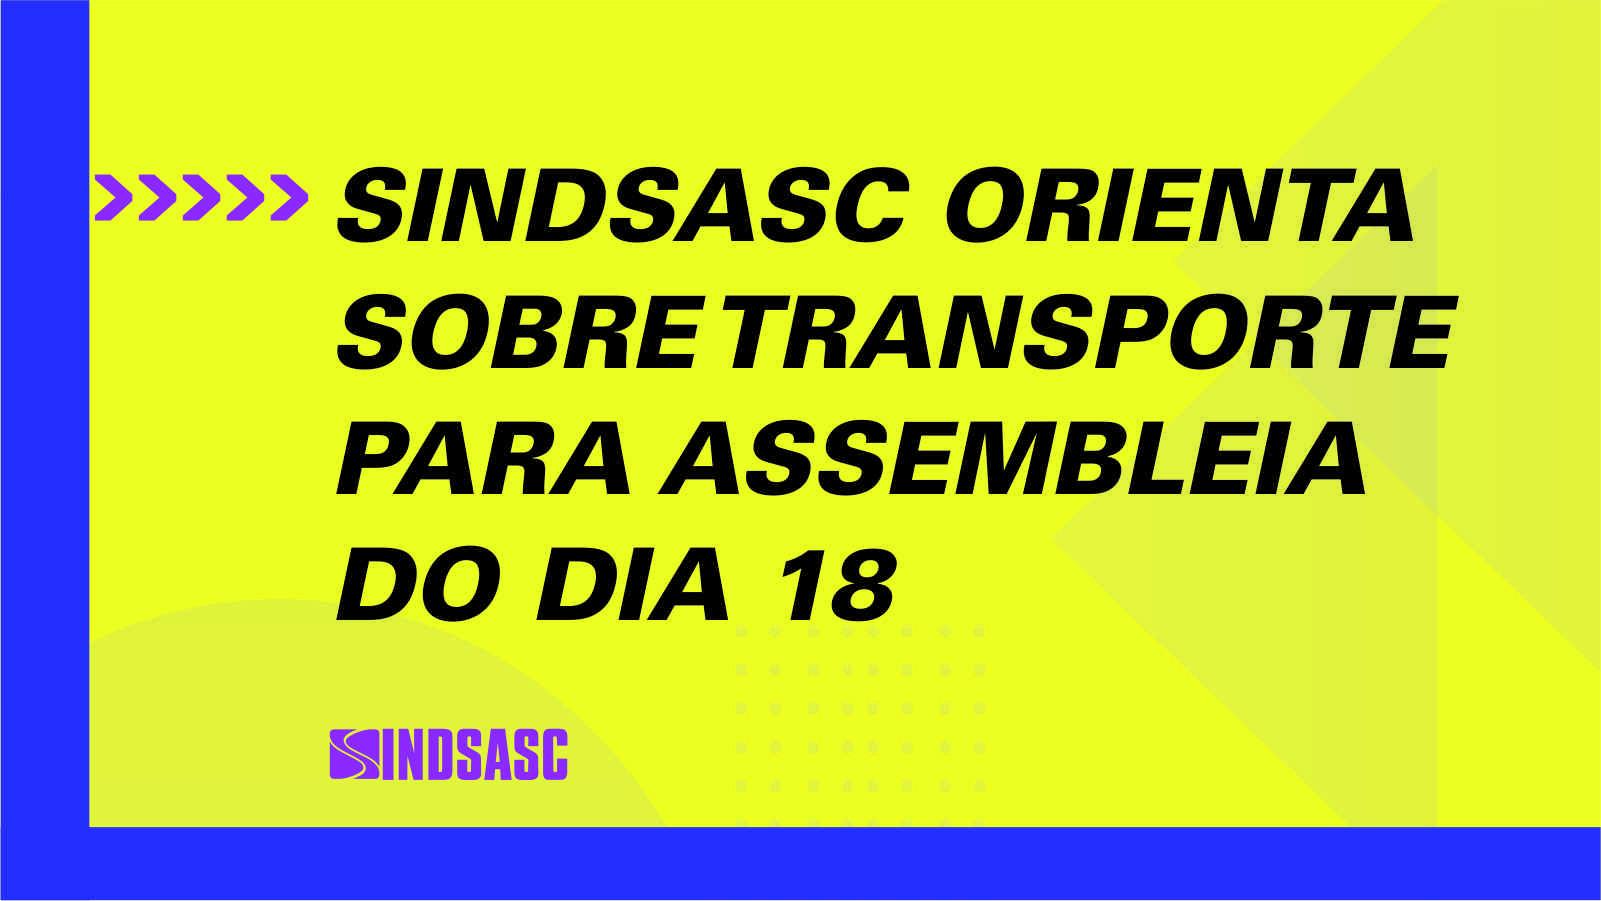 SINDSASC ORIENTA SOBRE TRANSPORTE PARA ASSEMBLEIA DO DIA 18